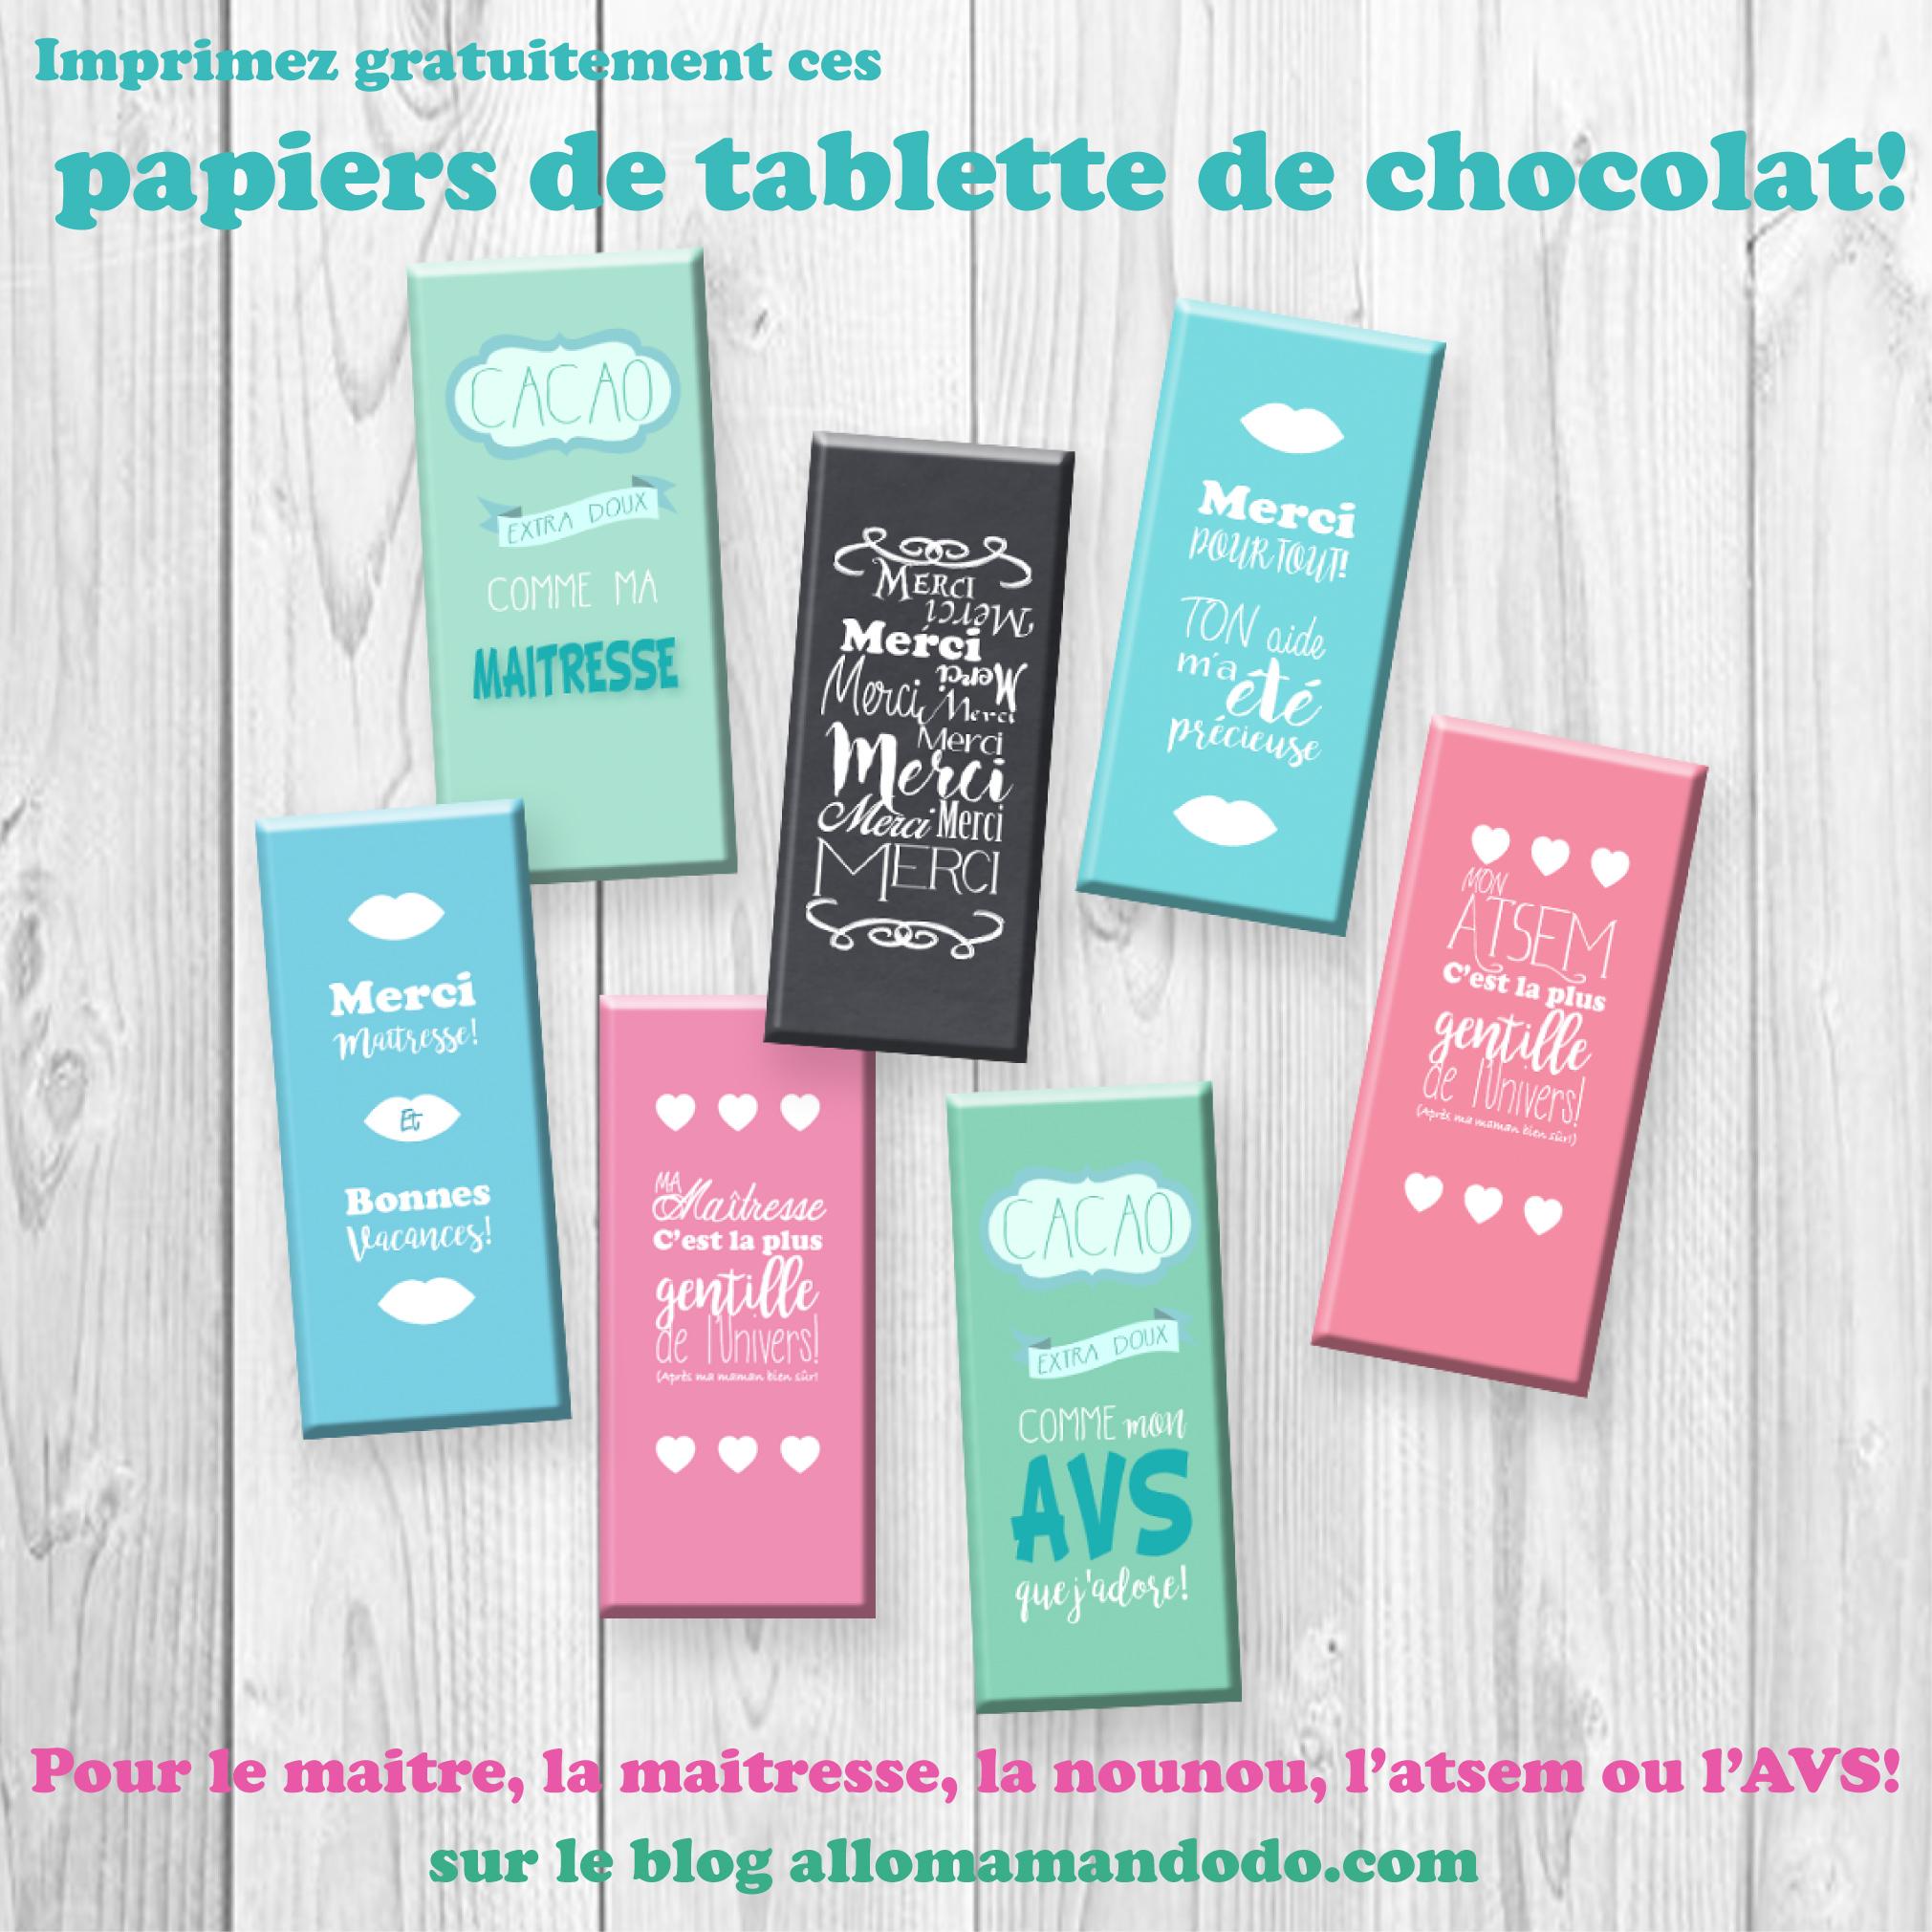 cadeau des maitresses atsem avs des tablettes de chocolat avec papier a imprimer allo. Black Bedroom Furniture Sets. Home Design Ideas